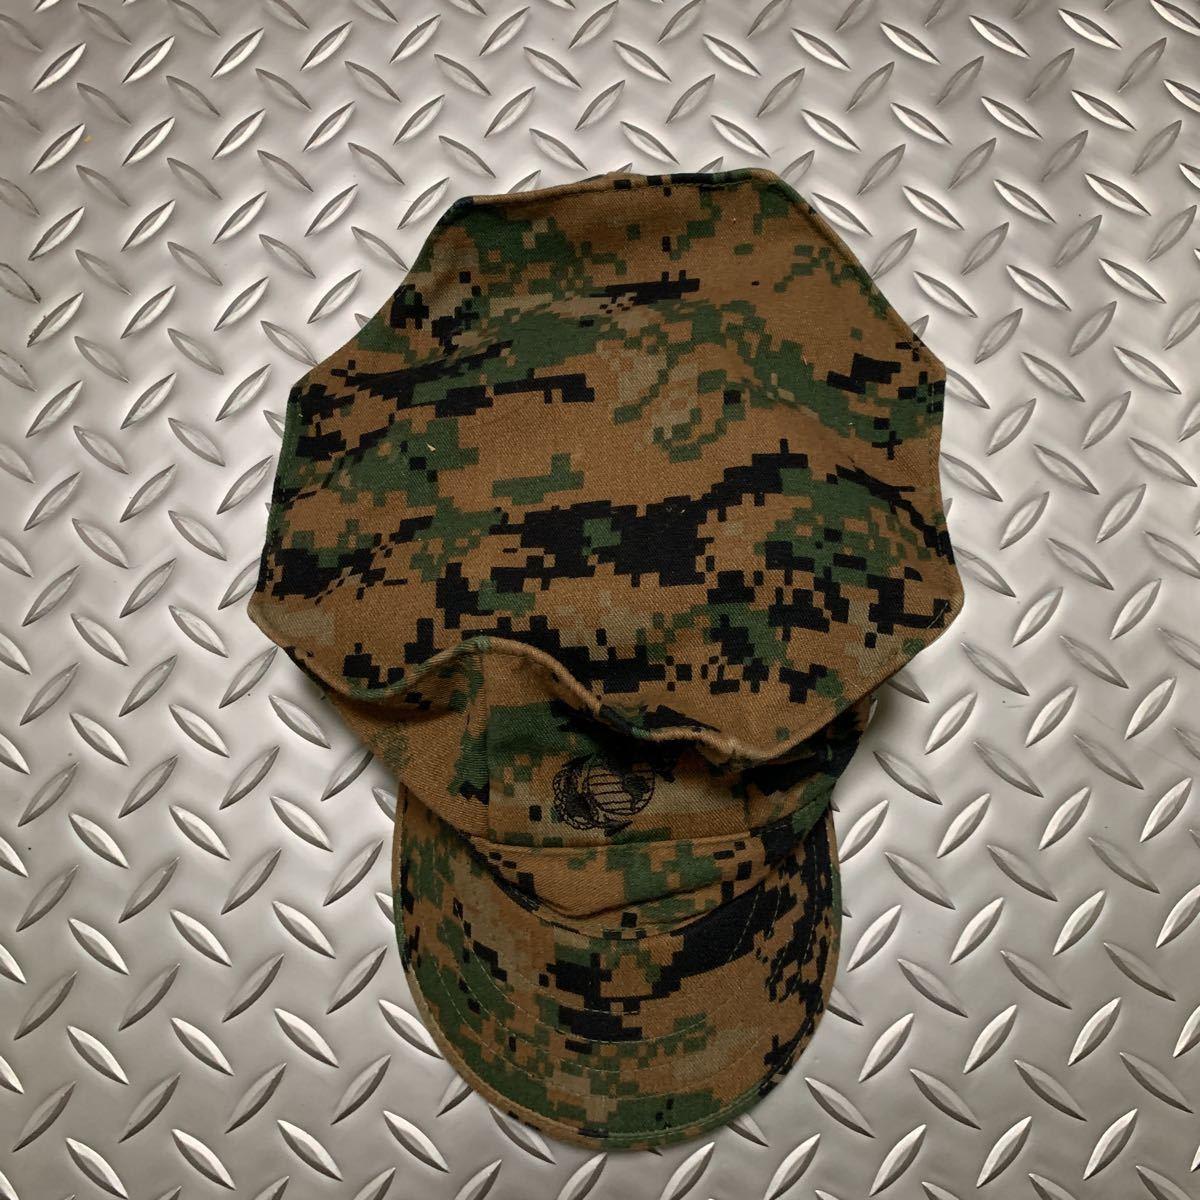 米軍 実物 新品 USMC 海兵隊 マーパット 帽子 サイズ L ミリタリーキャップ パトロールキャップ _画像3